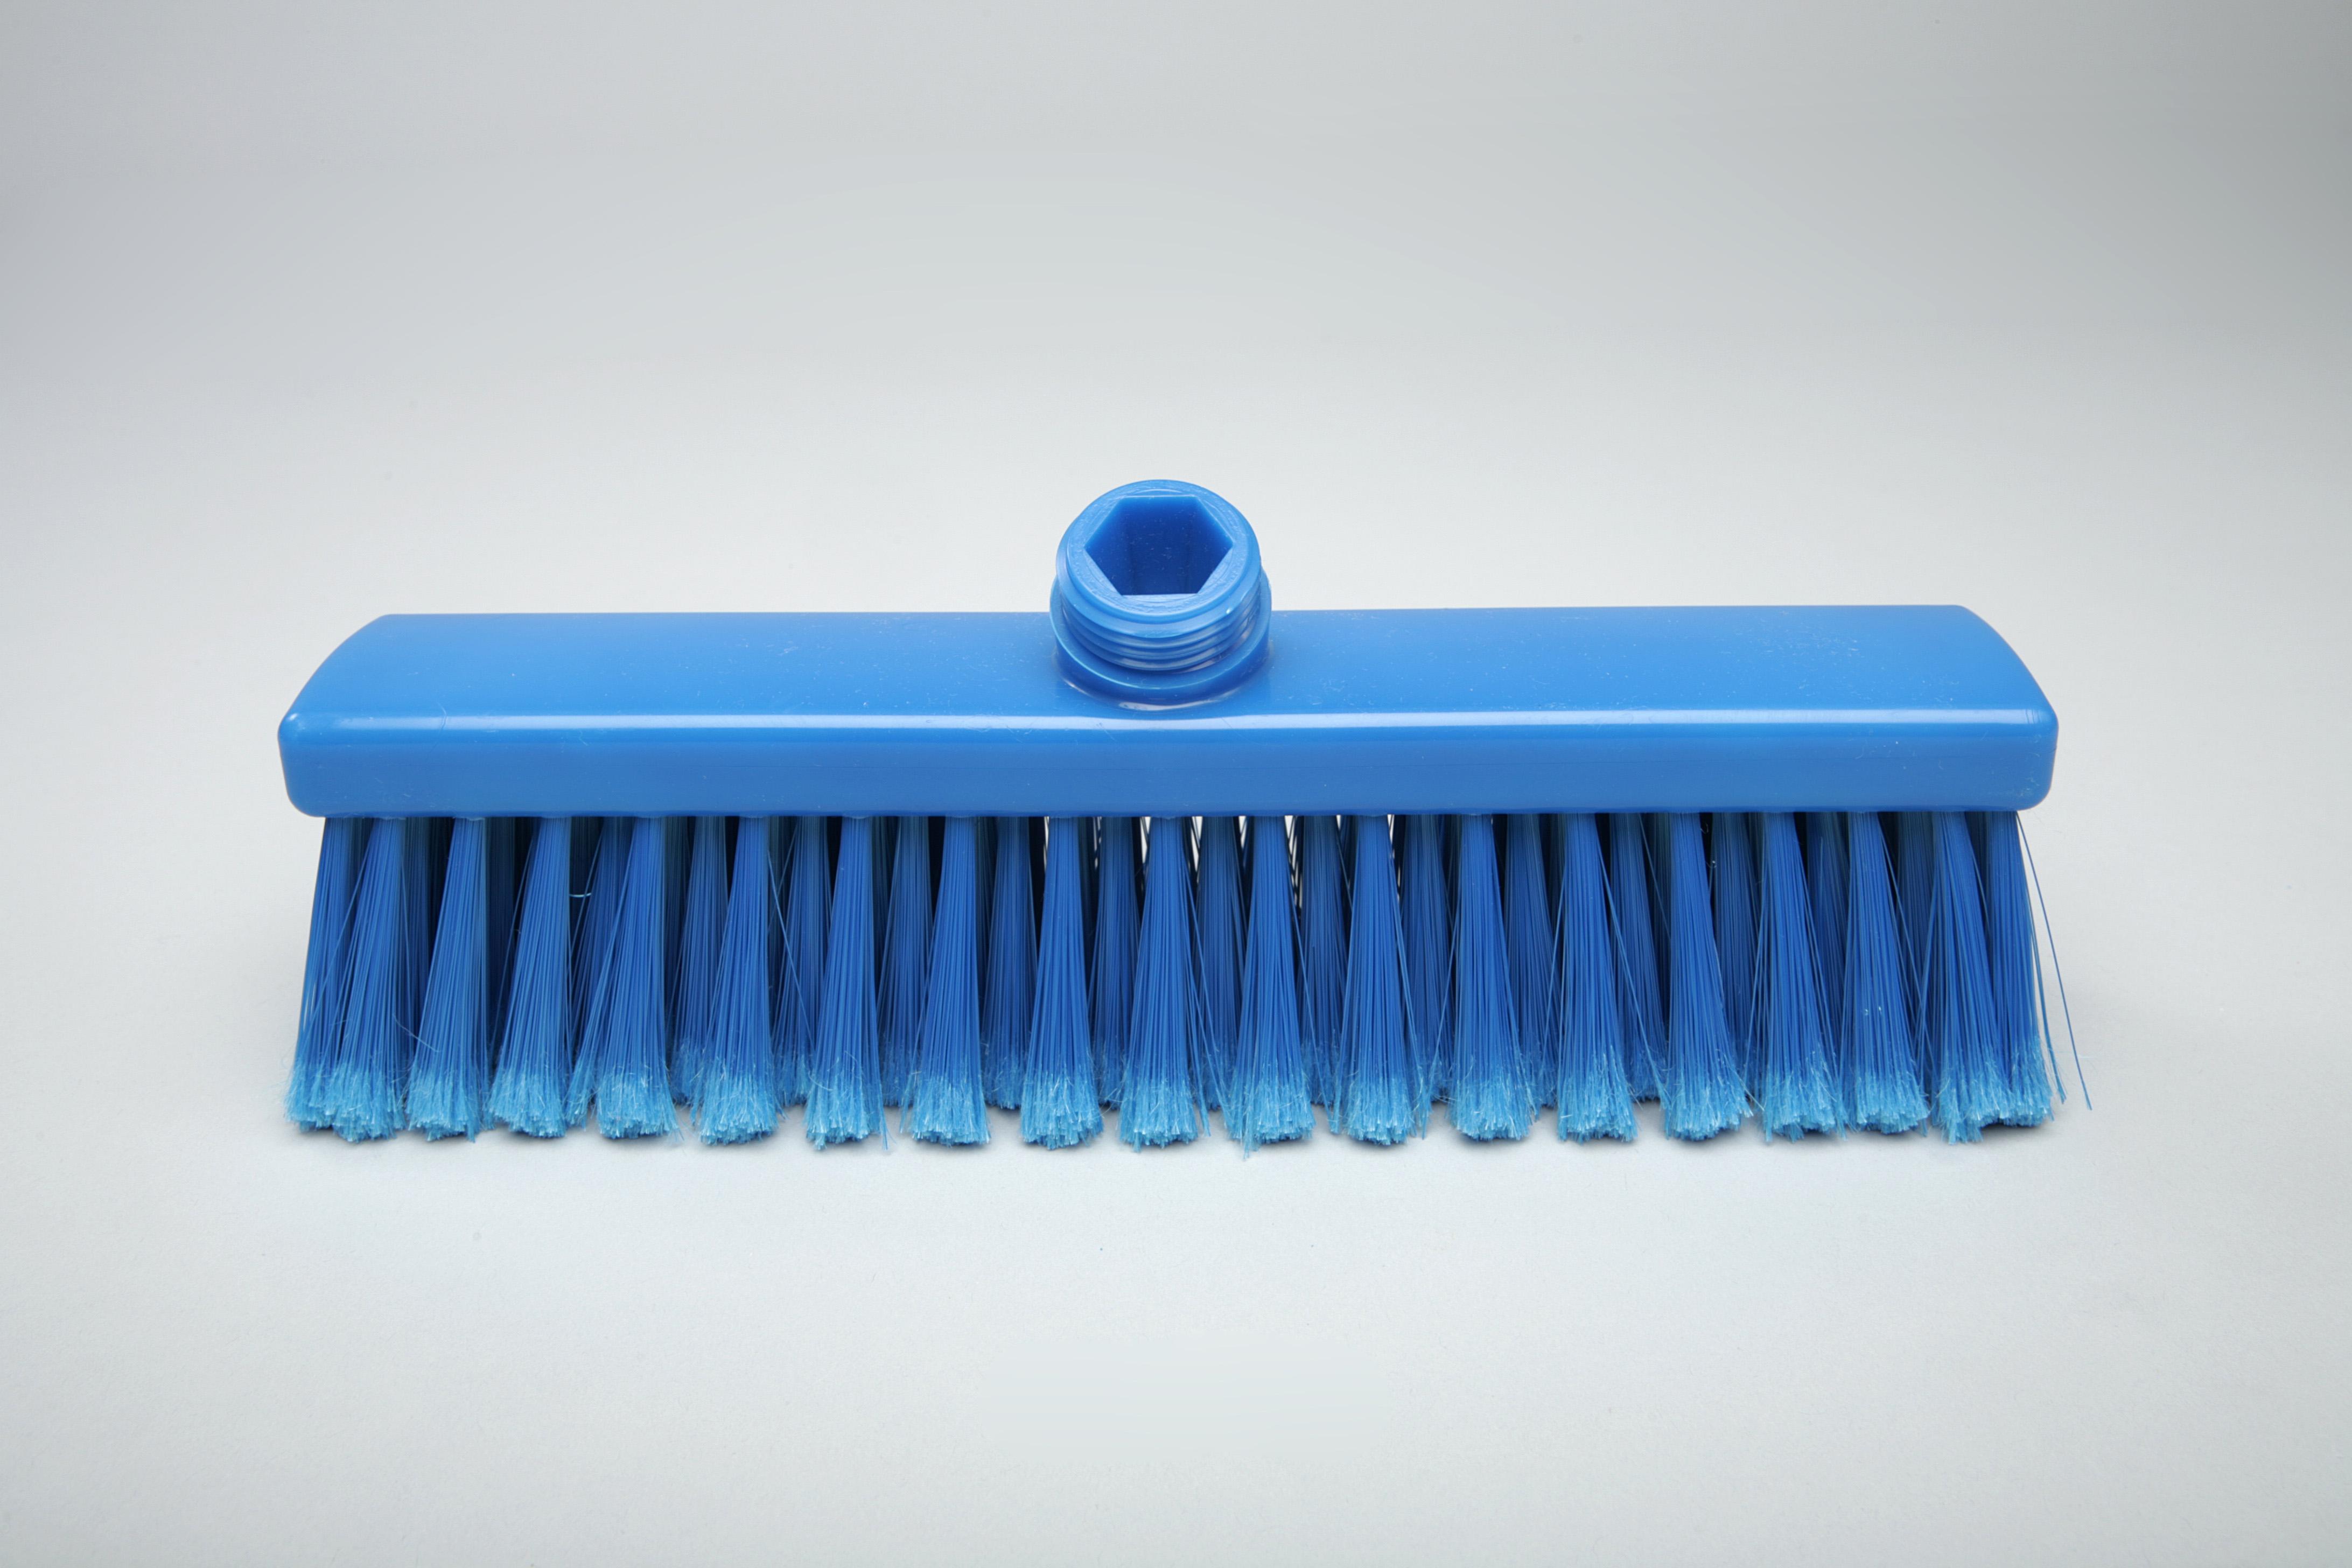 Unimop pühkimishari 280 x 50 x 55 mm, pehme, harg. harj, sinine, kastis 6tk